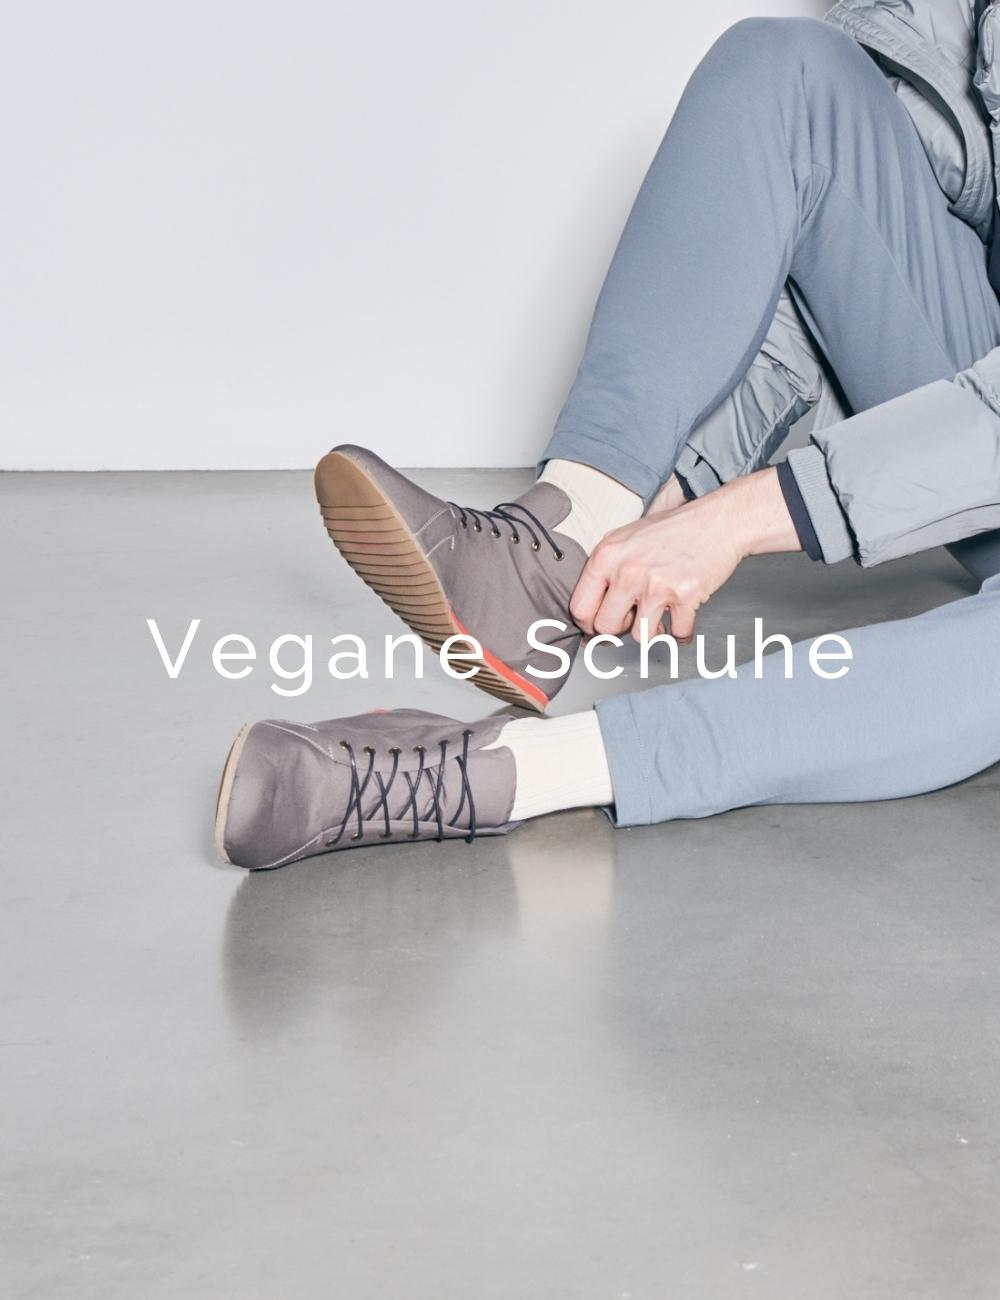 vegane schuhe vegan herren